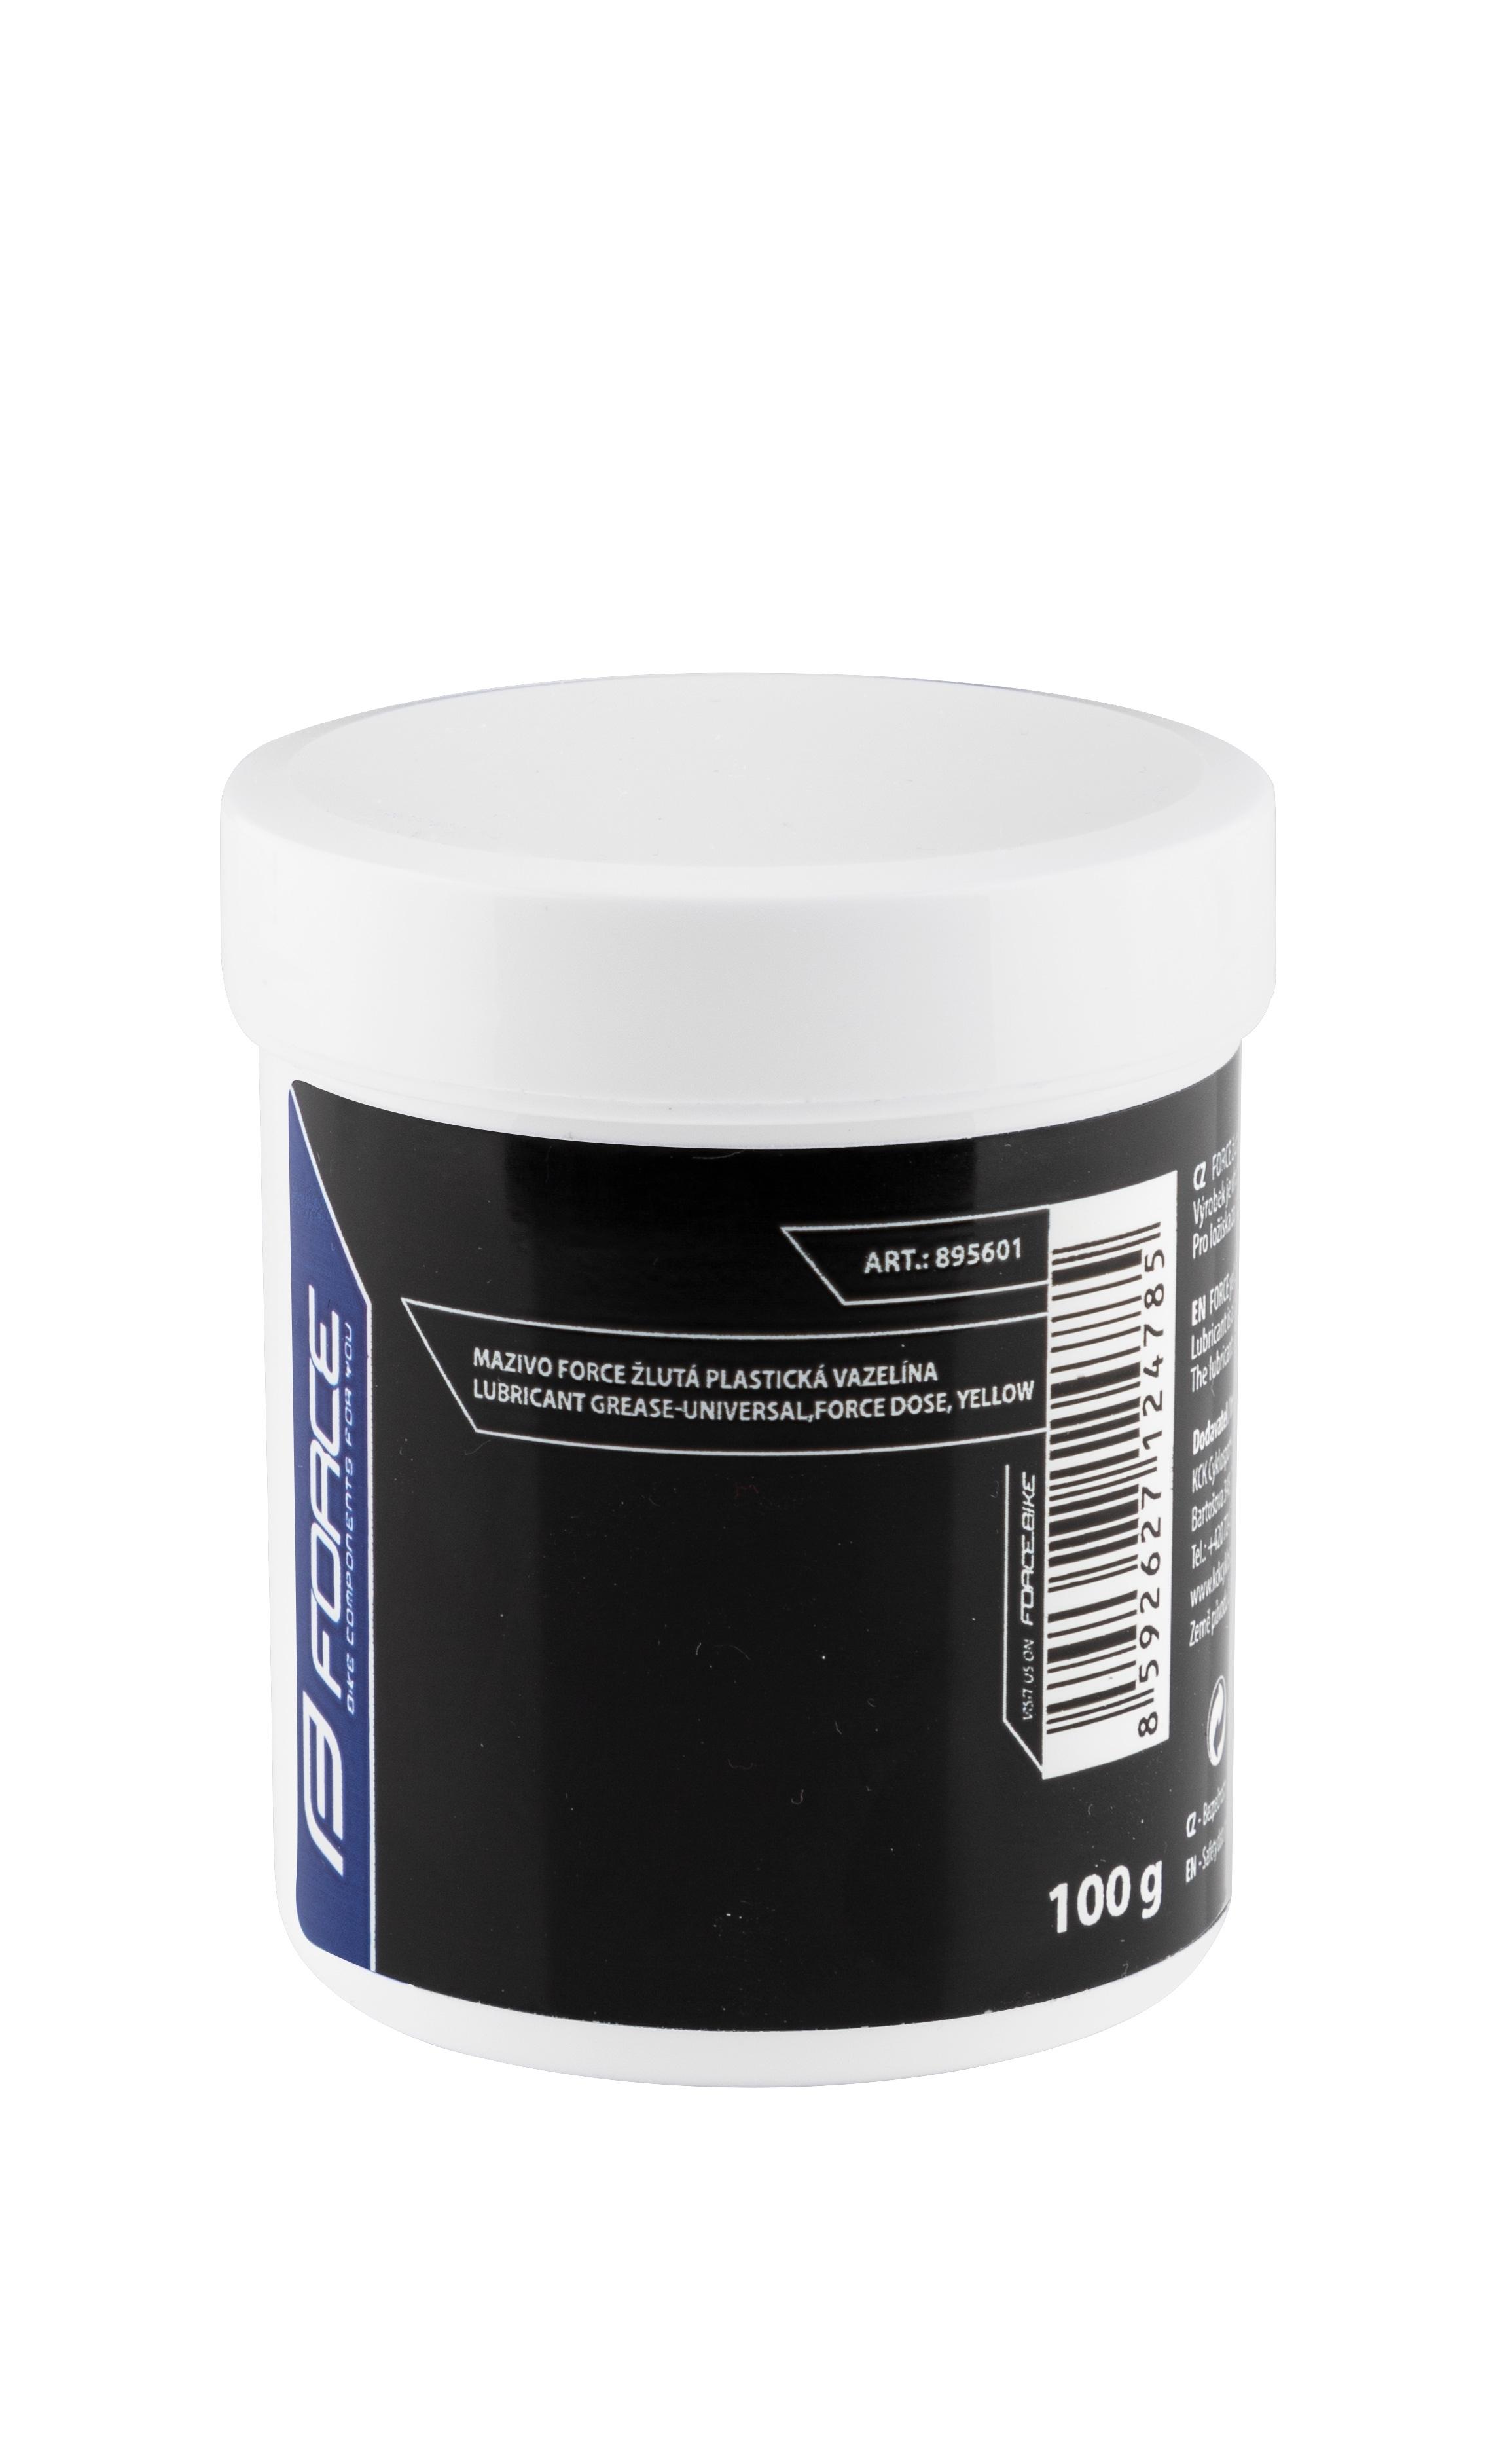 mazivo-dóza FORCE žlutá plastická vazelína, 100g